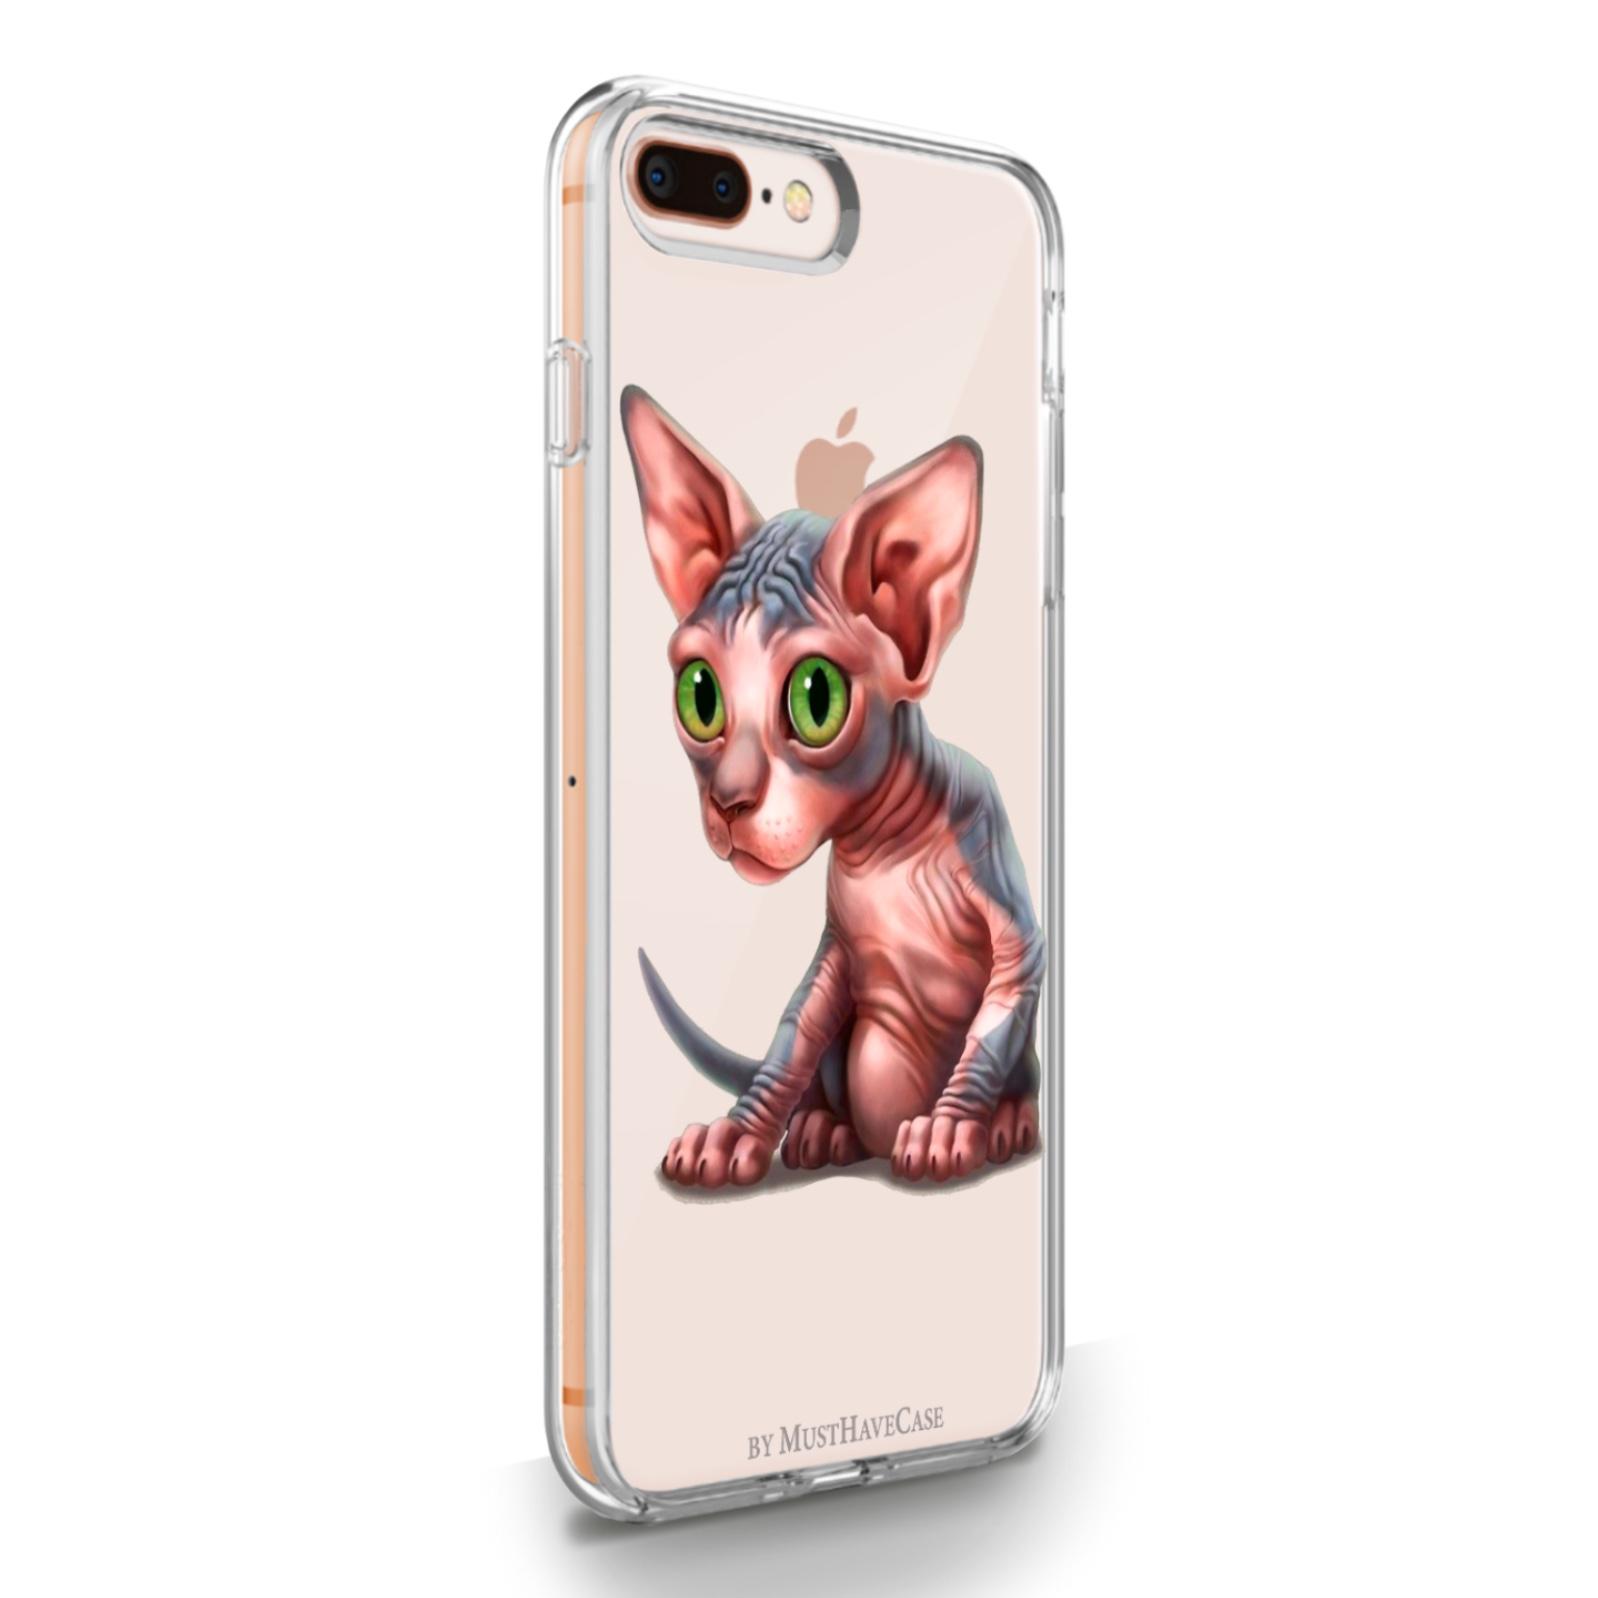 Прозрачный силиконовый чехол для iPhone 7/8 Plus Sphinx 7/8 Плюс Сфинкс